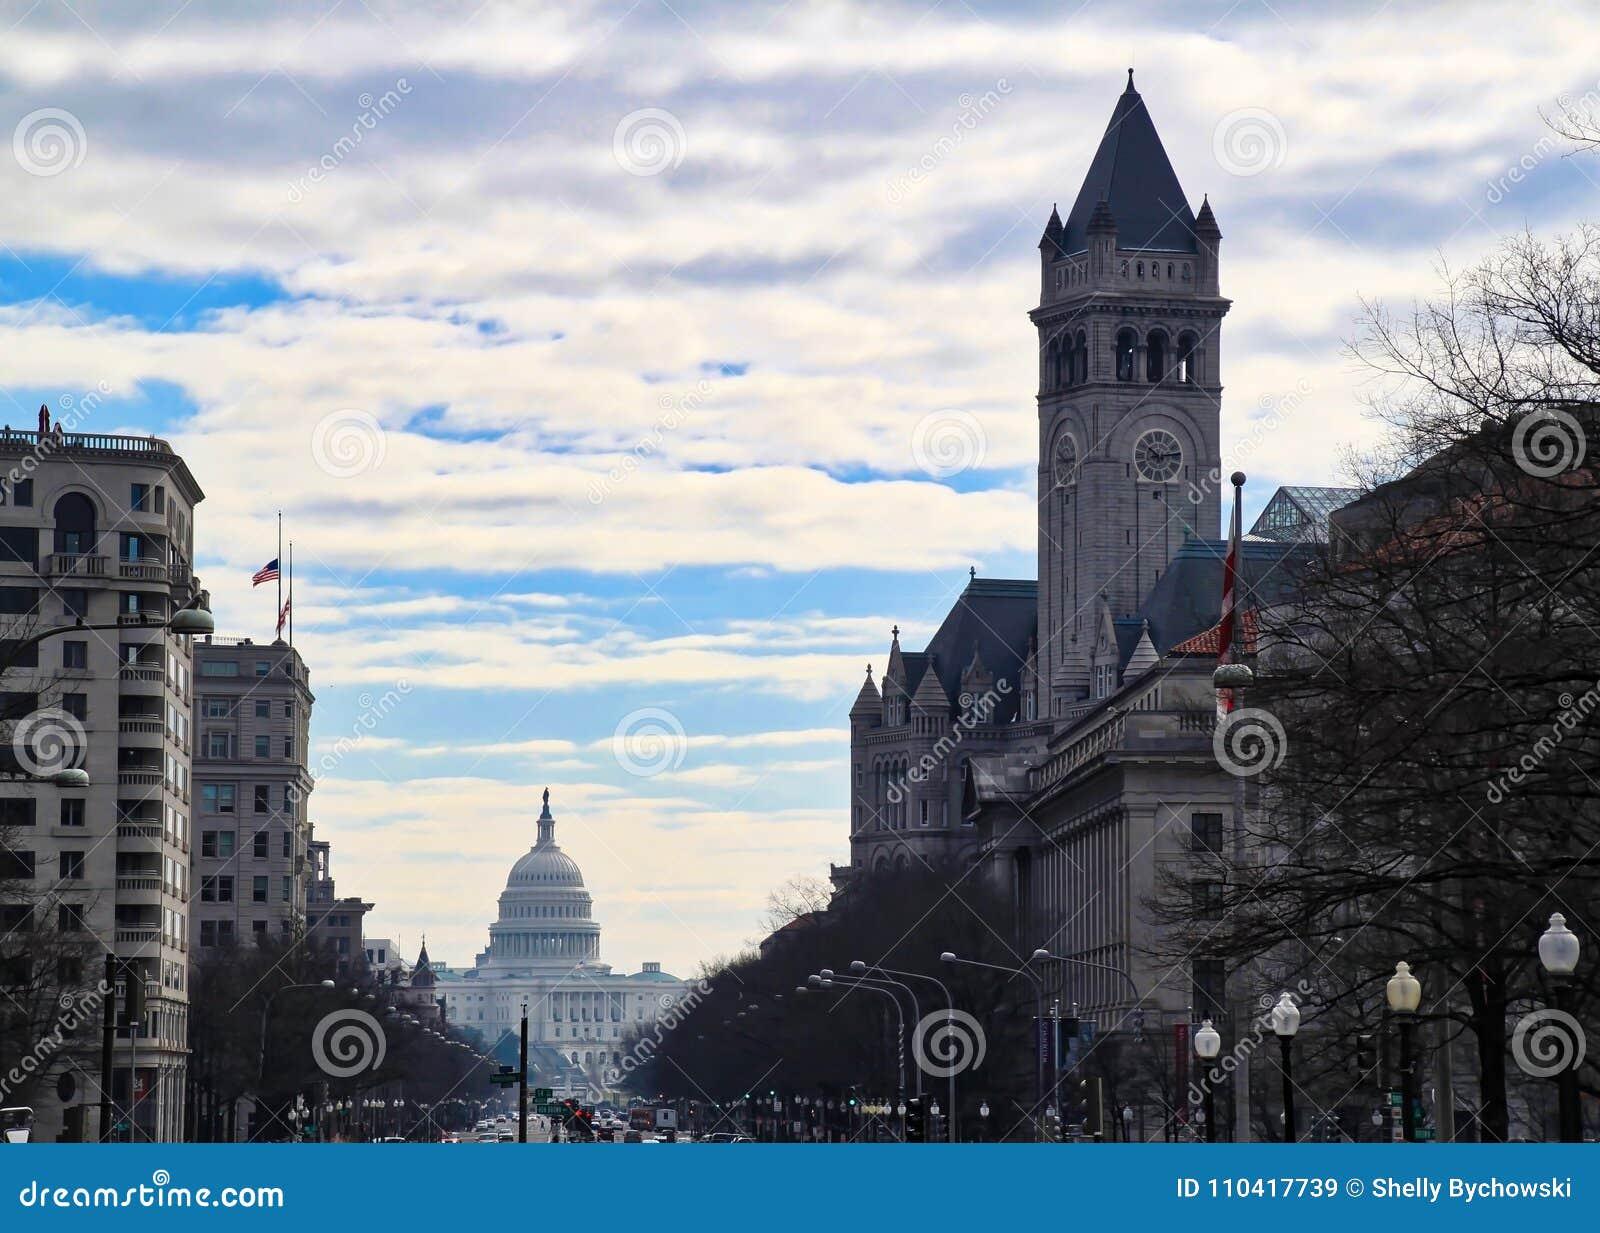 Άποψη εικονικής παράστασης πόλης κάτω από το δρόμο με έντονη κίνηση με το Capitol που χτίζει στο τέλος